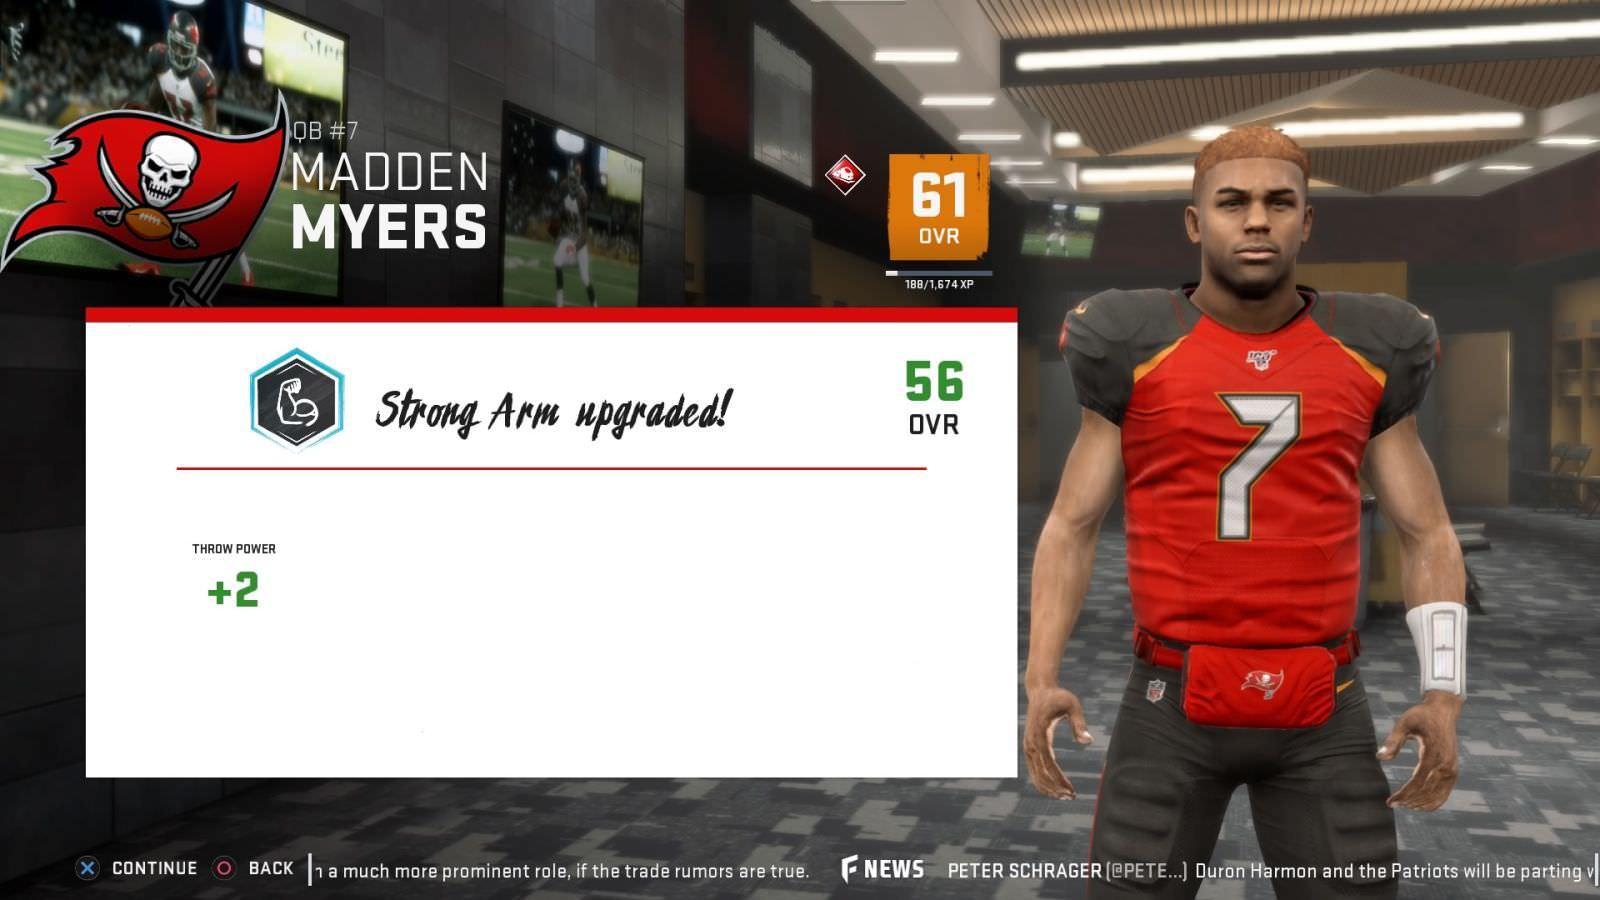 É estranho quando Madden NFL 20 caracteres Evitar dizendo o nome do meu jogador